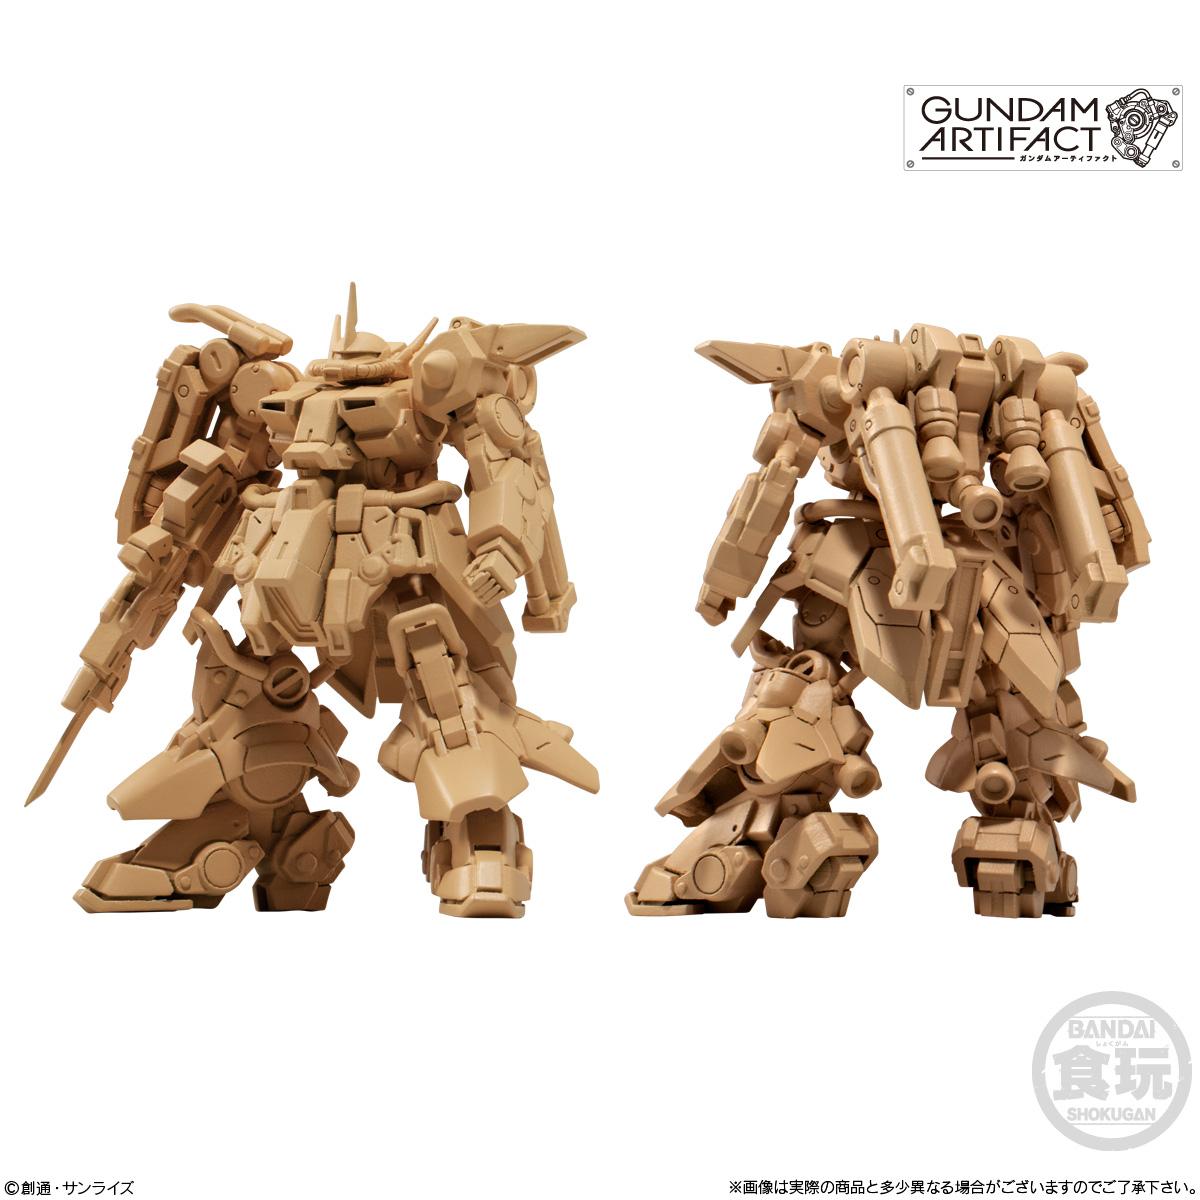 【食玩】機動戦士ガンダム『ガンダムアーティファクト 第2弾』プラ製ミニキット 10個入りBOX-005